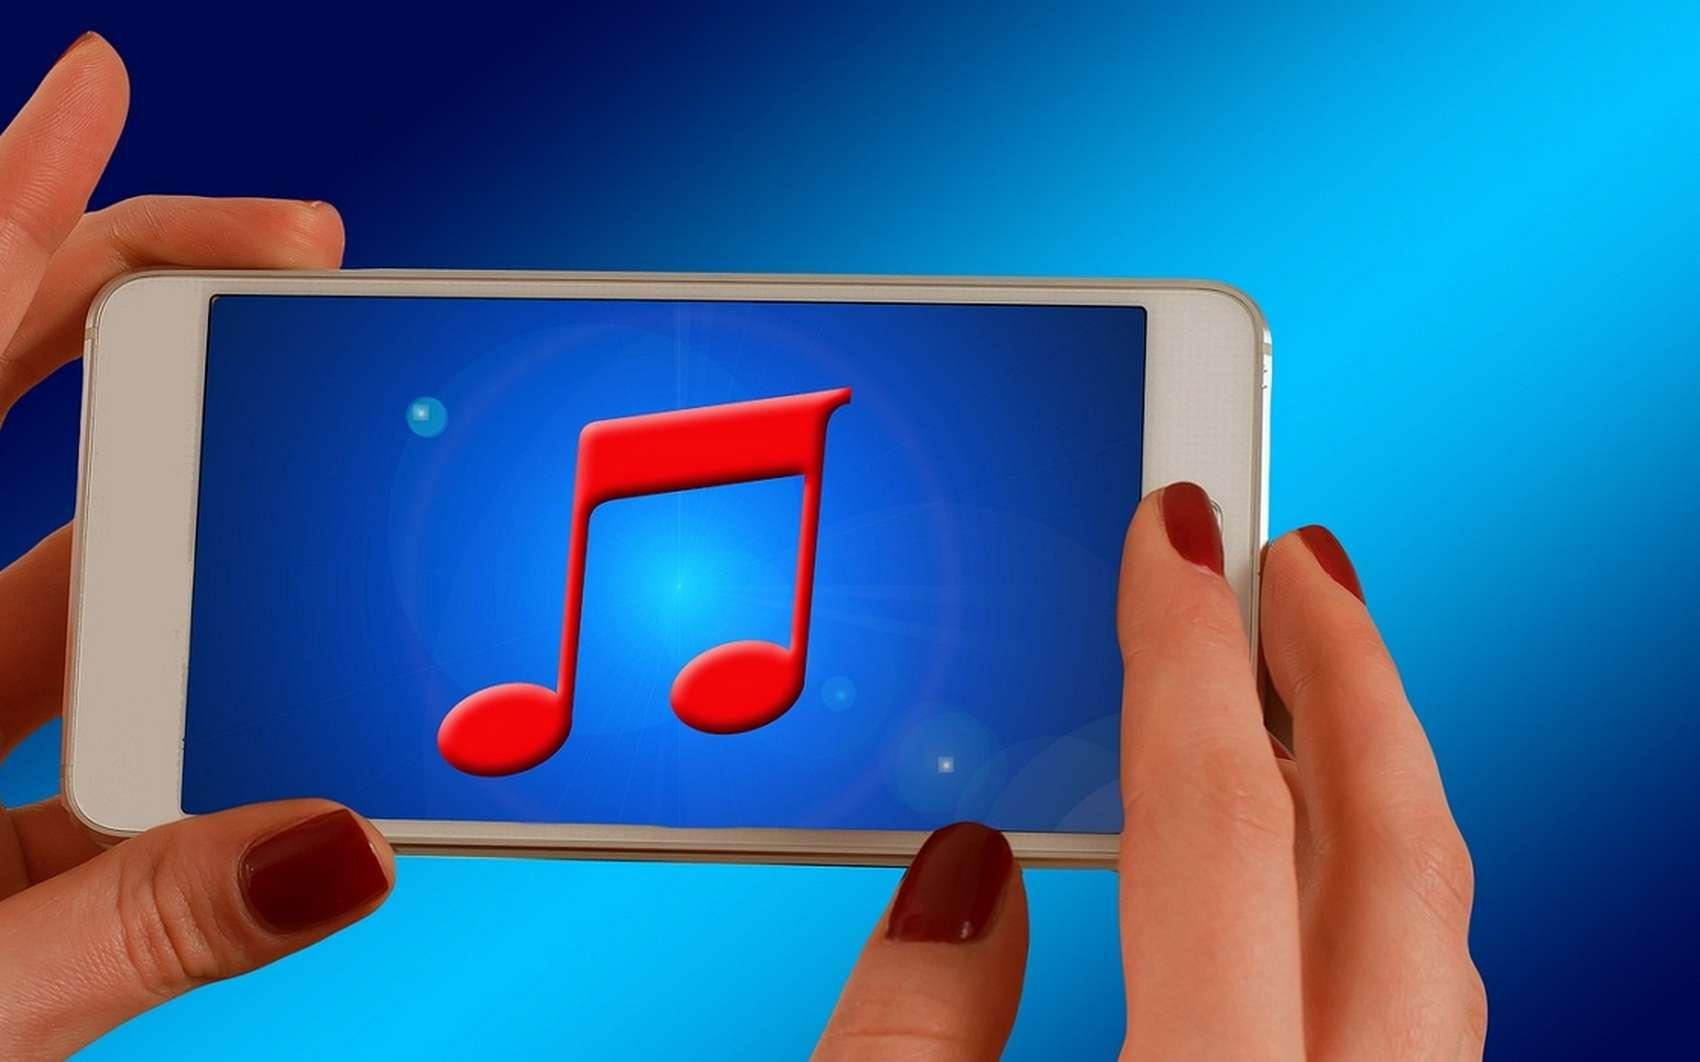 L'avantage des services de musique en streaming est qu'ils offrent l'accès à un catalogue gigantesque, sans pour autant occuper l'espace de stockage du périphérique. © Pixabay.com